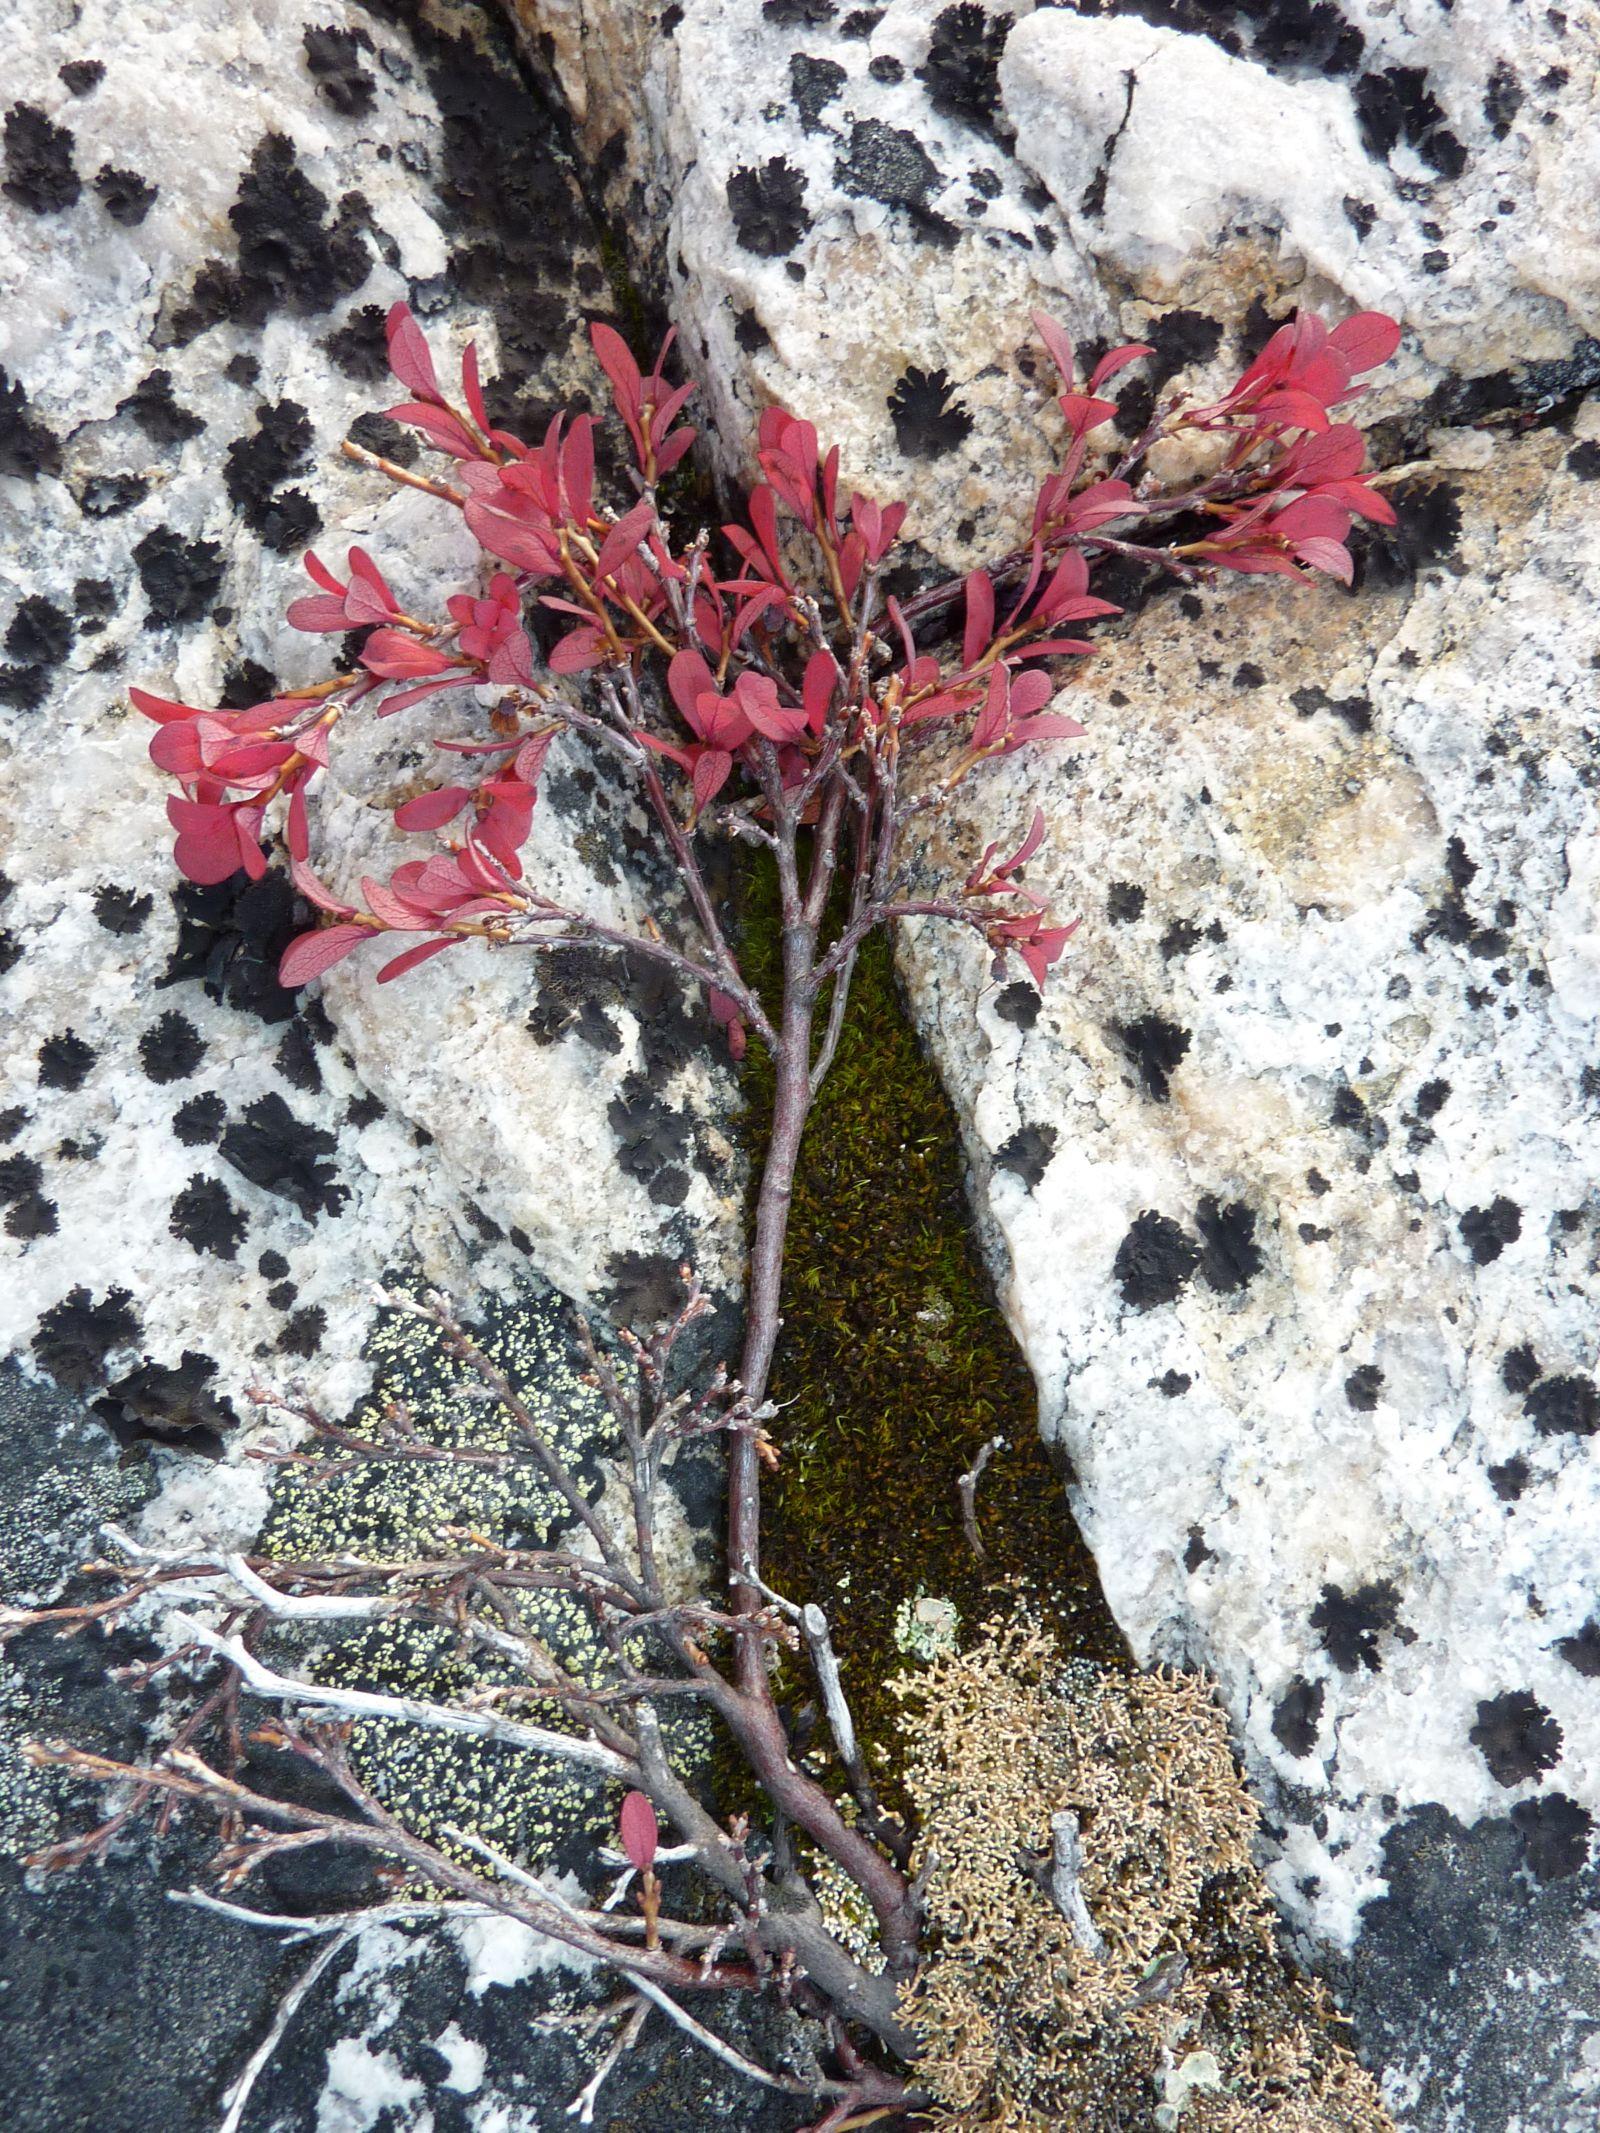 2010-09-23-1410_-_Vegetation